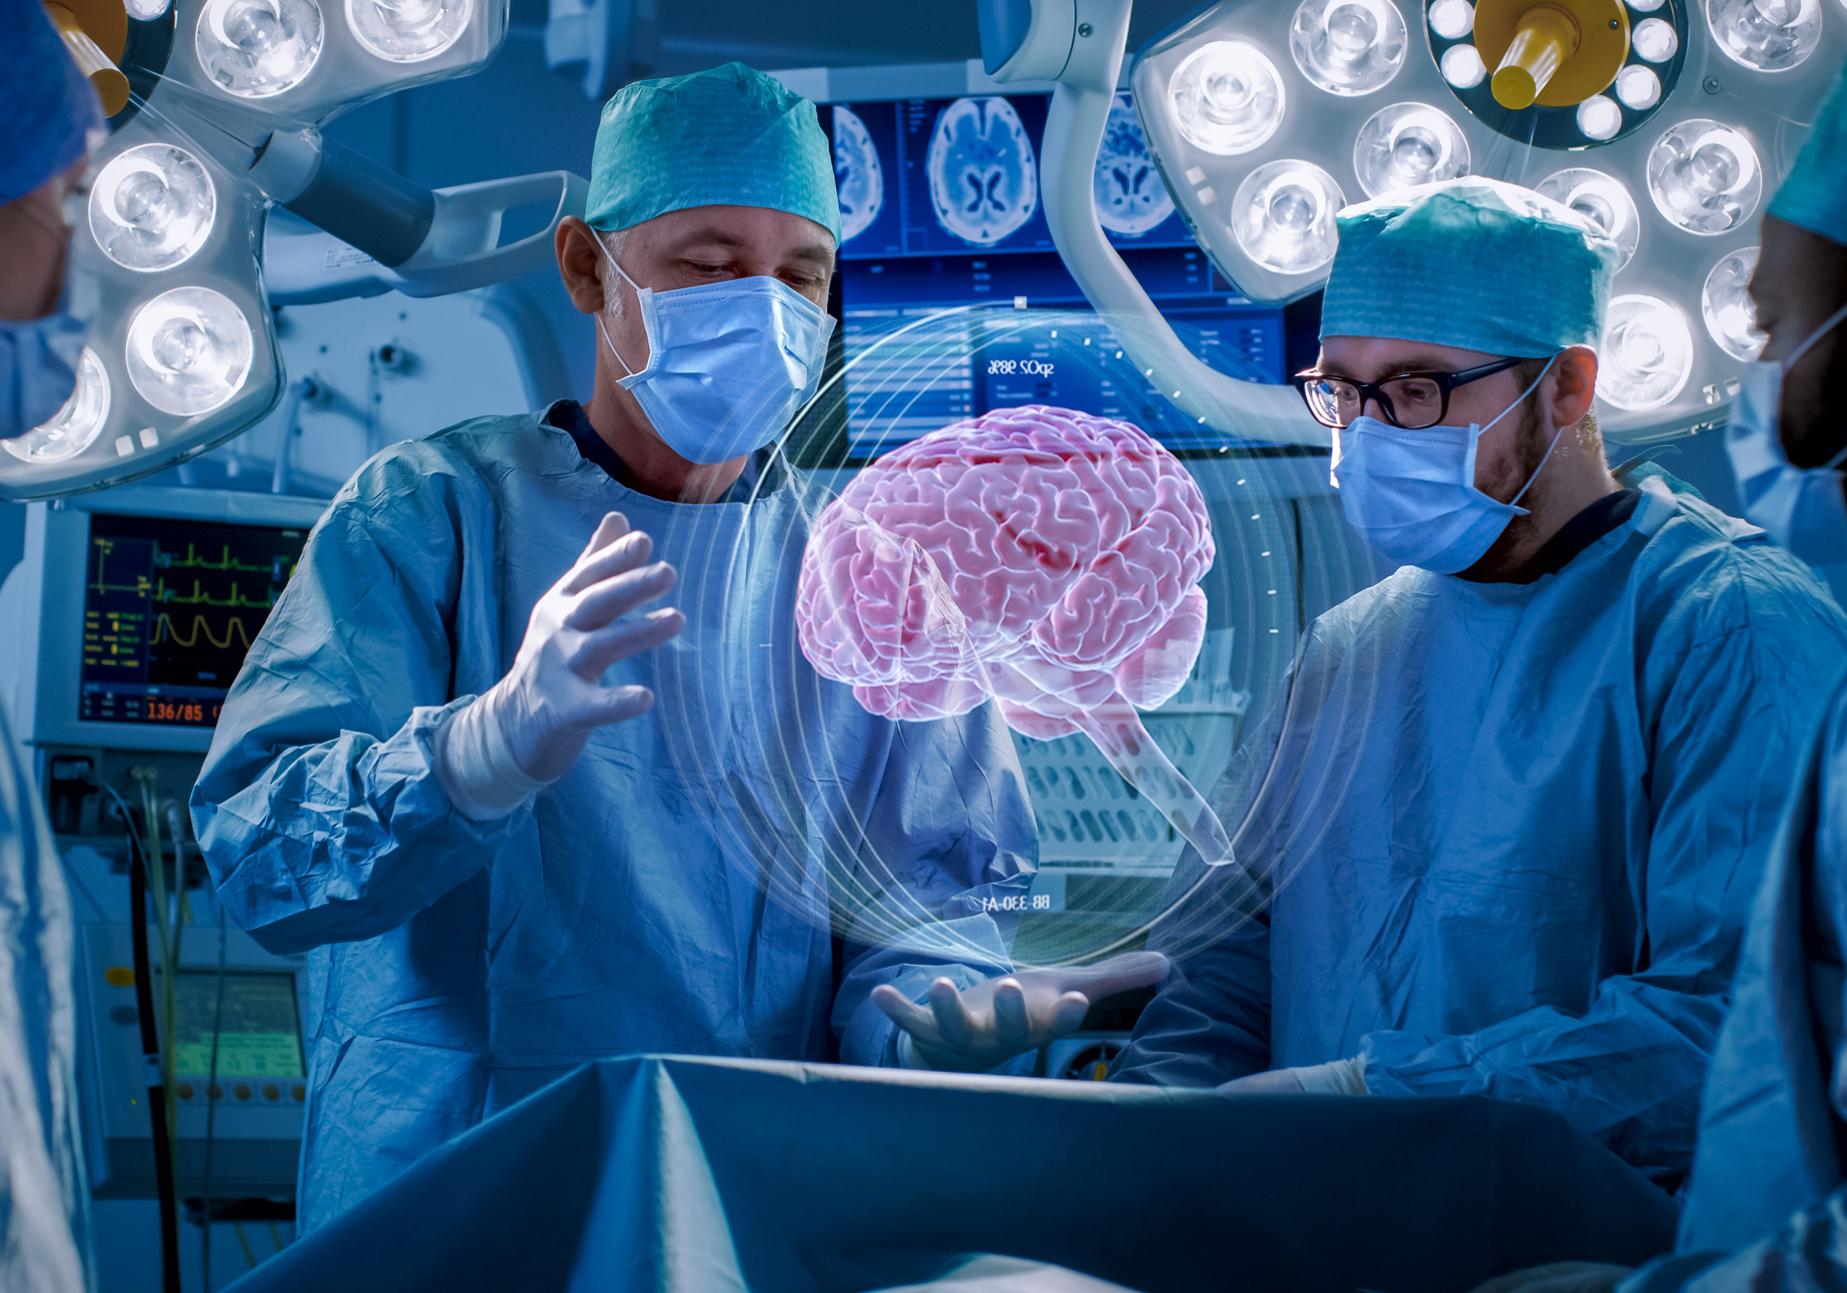 ゲームで医者の手術が上手くなる? WHOと仮面ライダーがともに「ゲーム病」を問題に